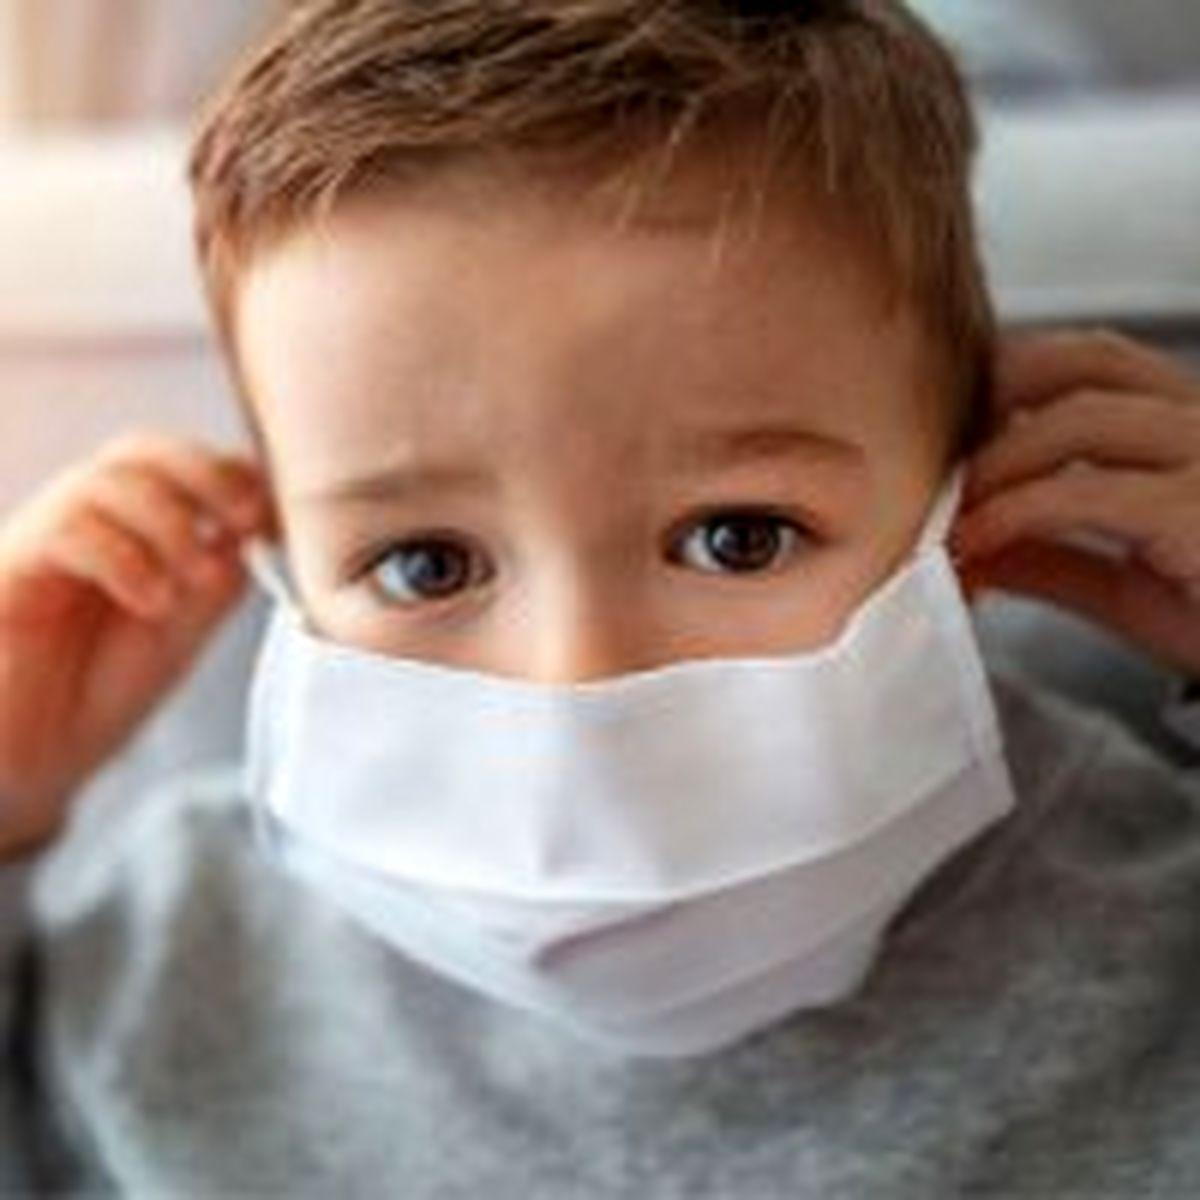 علائم بروز کرونا در کودکان به چه صورت است؟